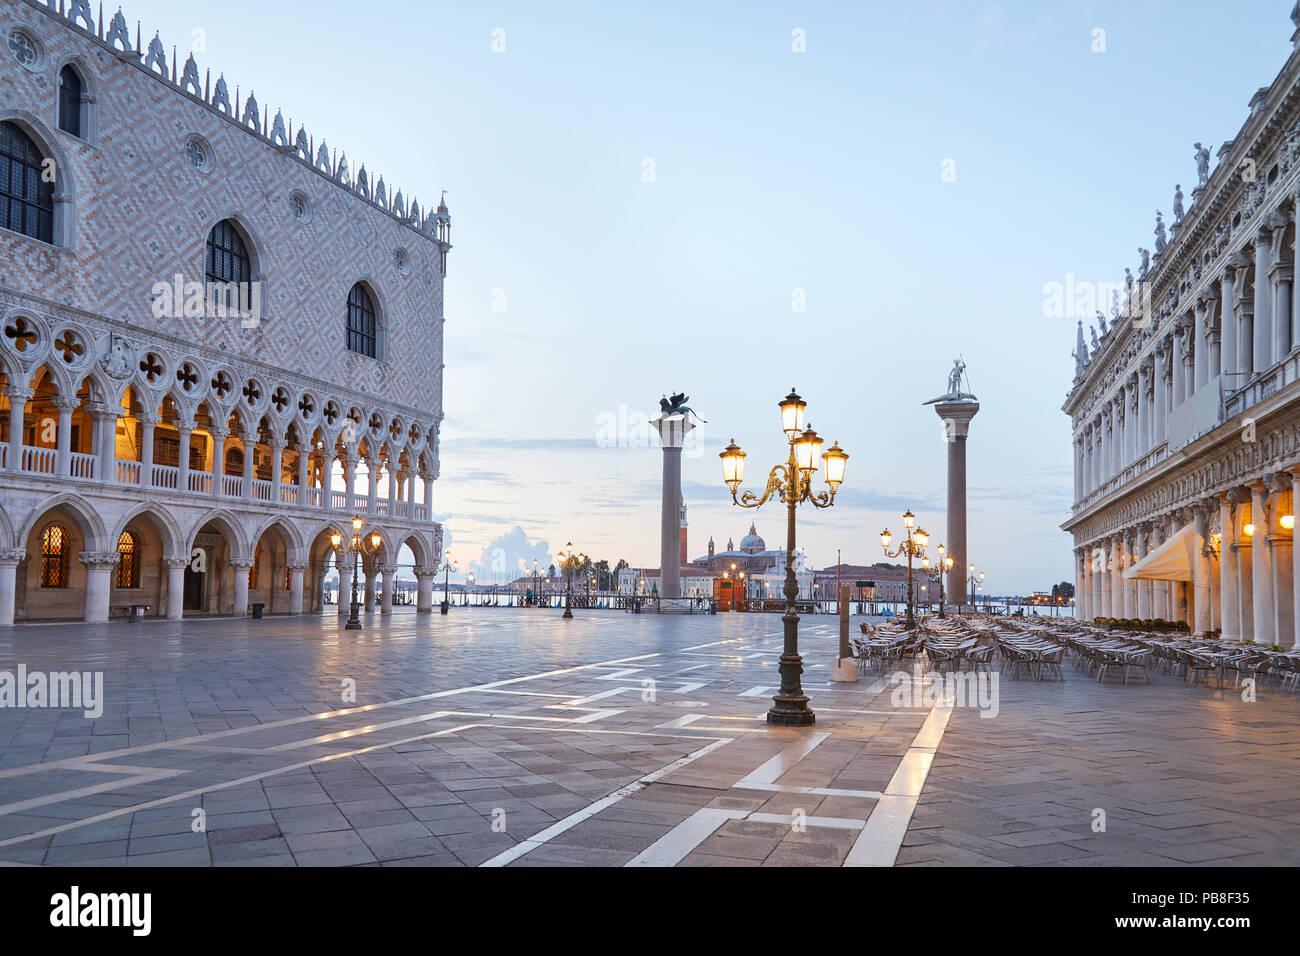 Piazza San Marco, nessuno la mattina presto a Venezia, Italia Immagini Stock